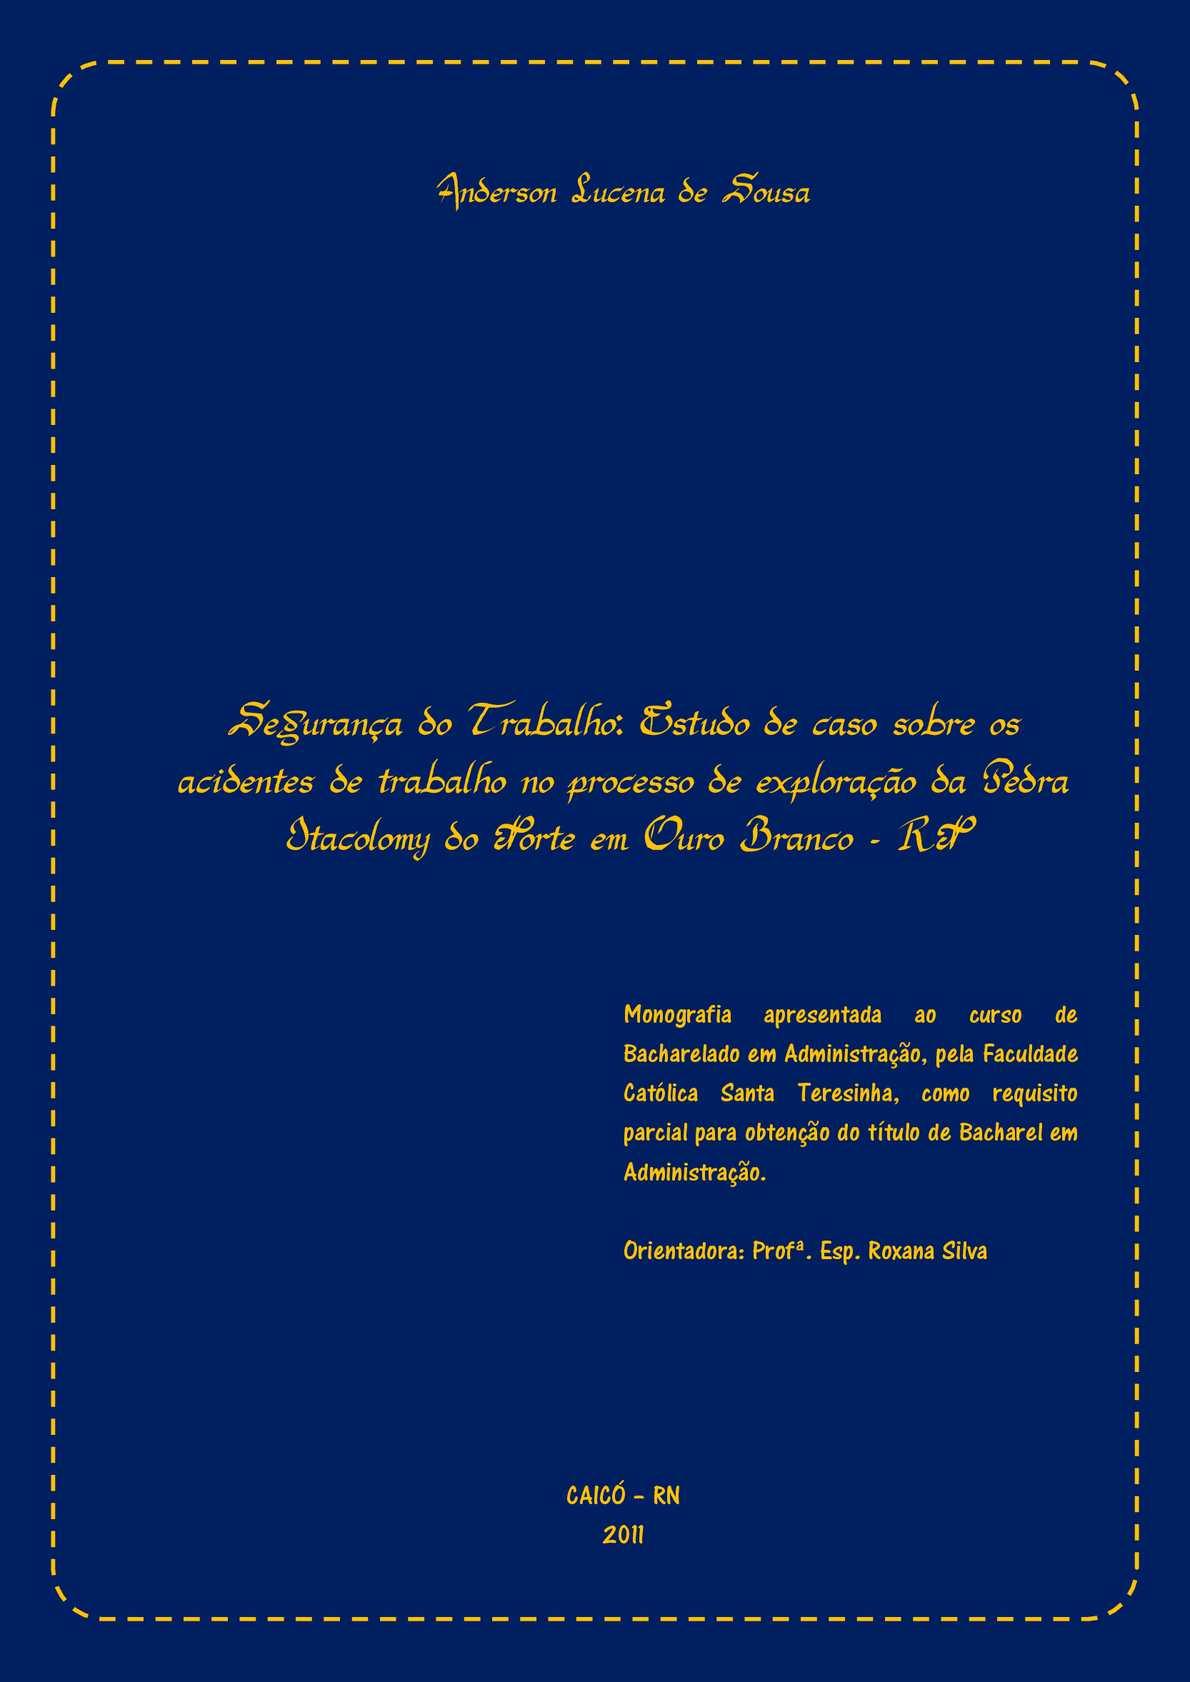 30502d68c4c13 Calaméo - Segurança do Trabalho  Estudo de caso sobre os acidentes de  trabalho no processo de exploração da Pedra Itacolomy do Norte em Ouro  Branco - RN